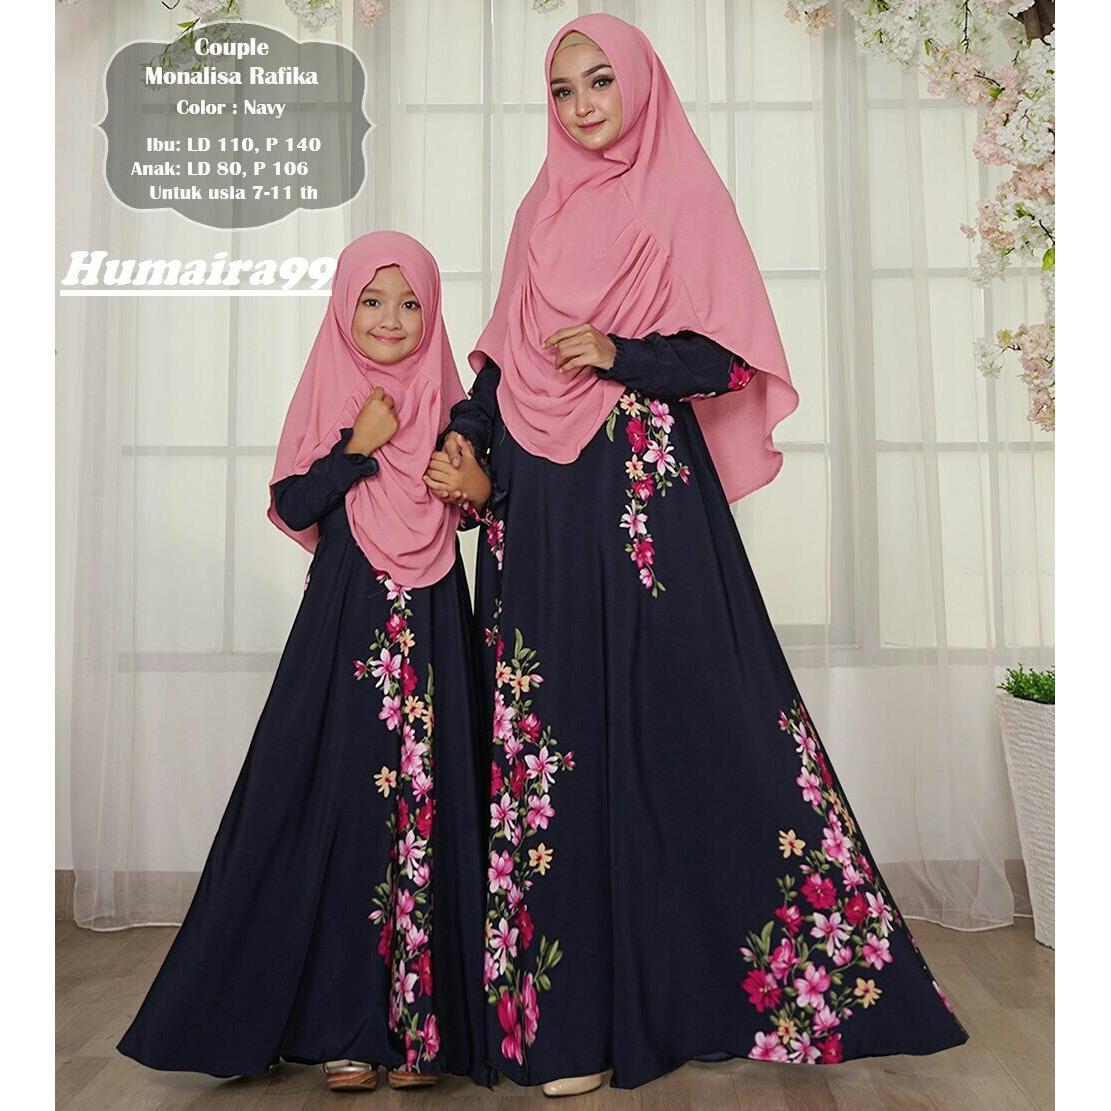 Humaira99 Gamis Syari Couple Ibu Anak Dress Hijab Muslimah Atasan Wanita Monalisa Rafika